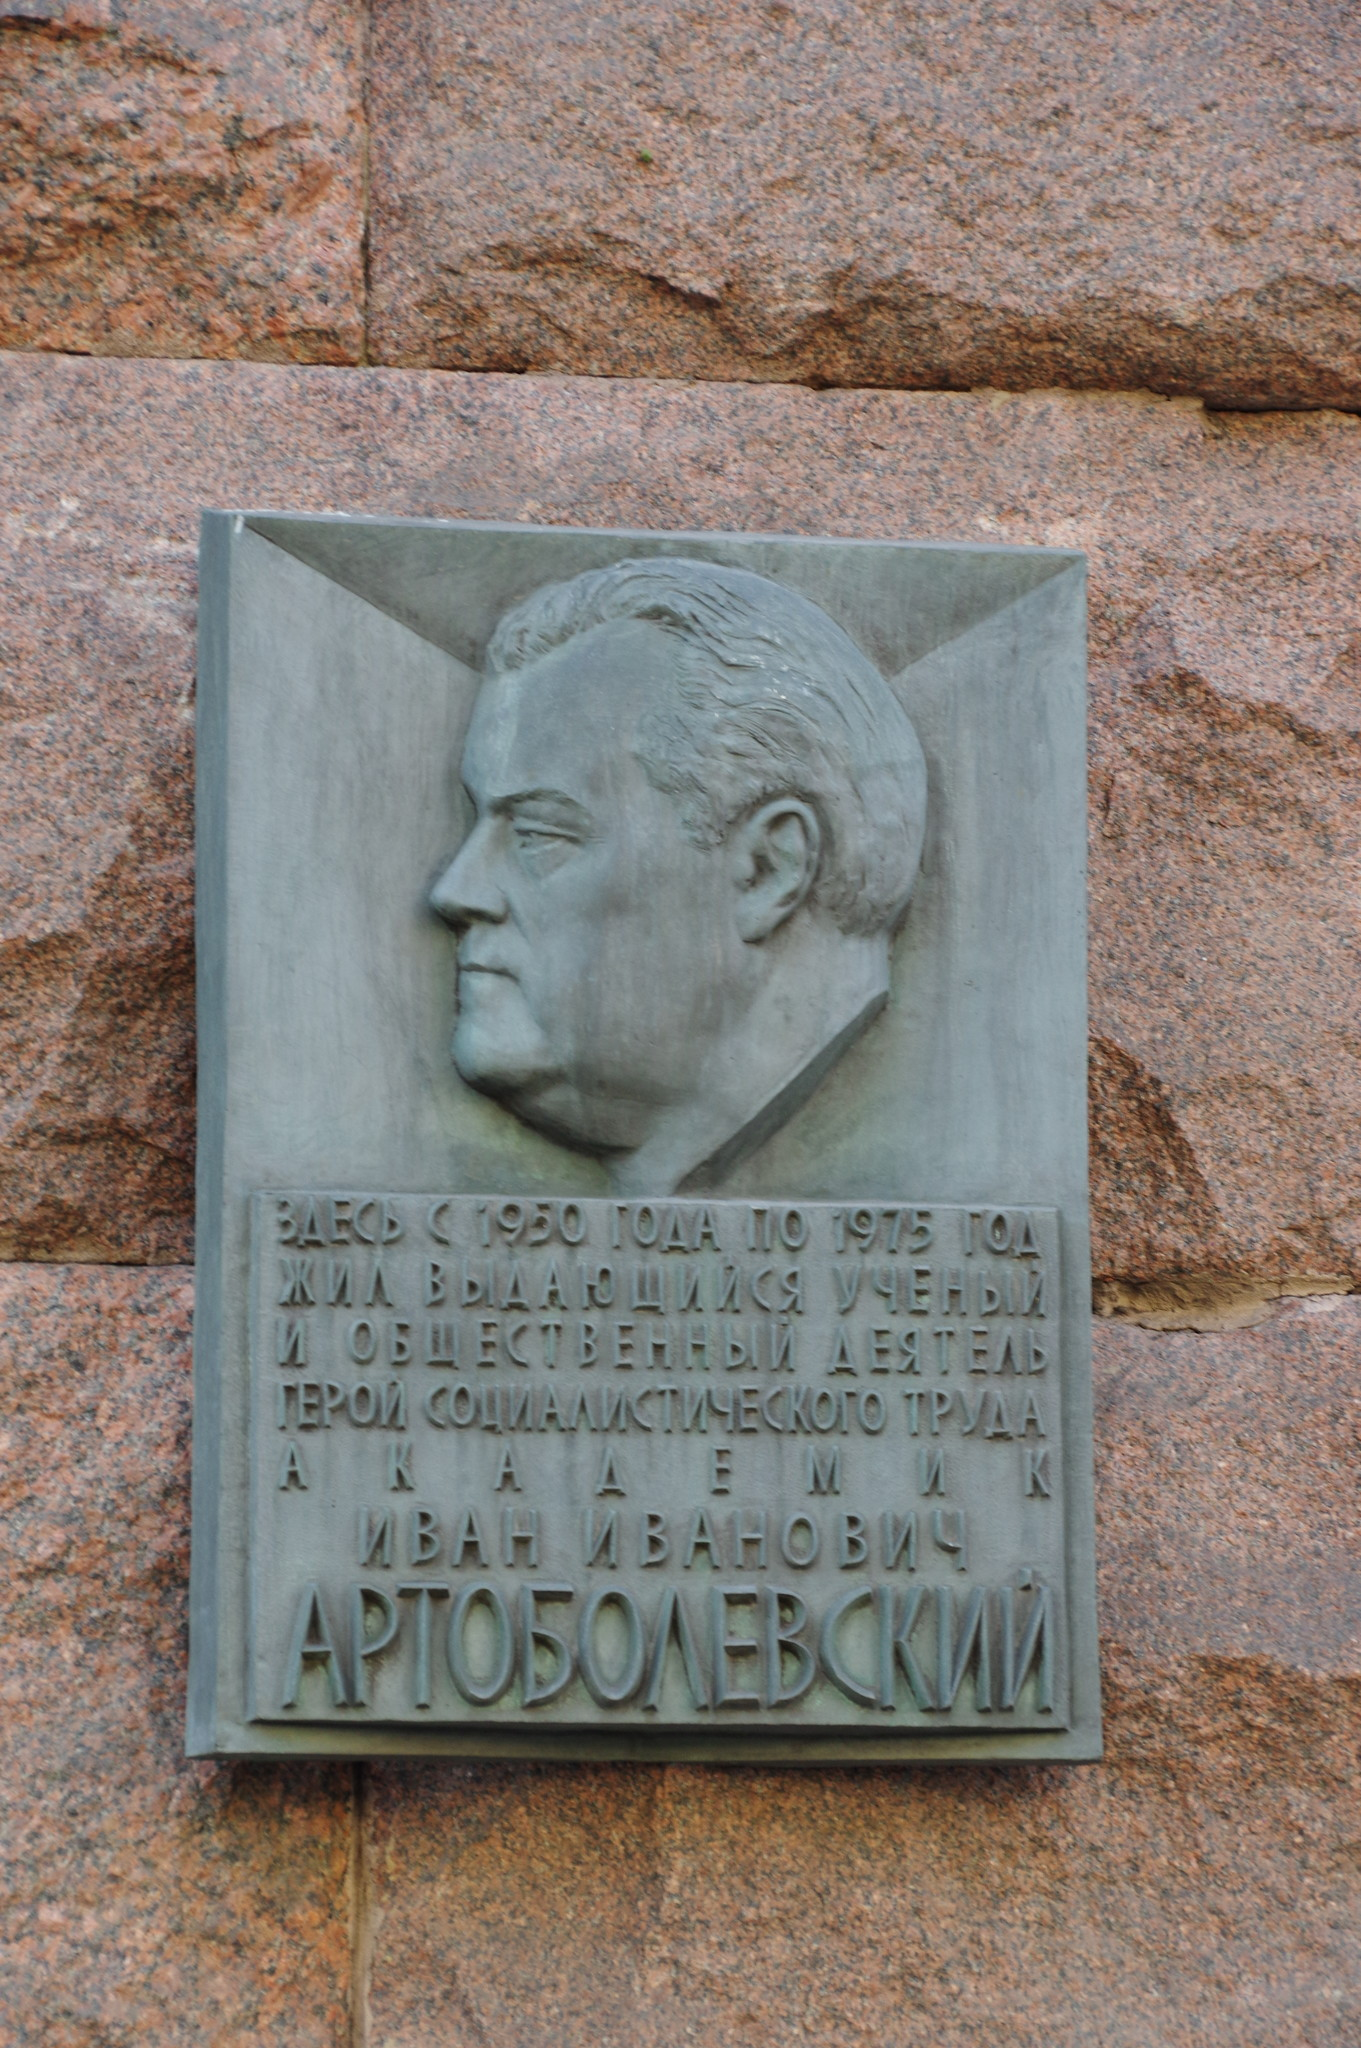 Мемориальная доска академику Ивану Ивановичу Артоболевскому (Тверская улица, дом 9)